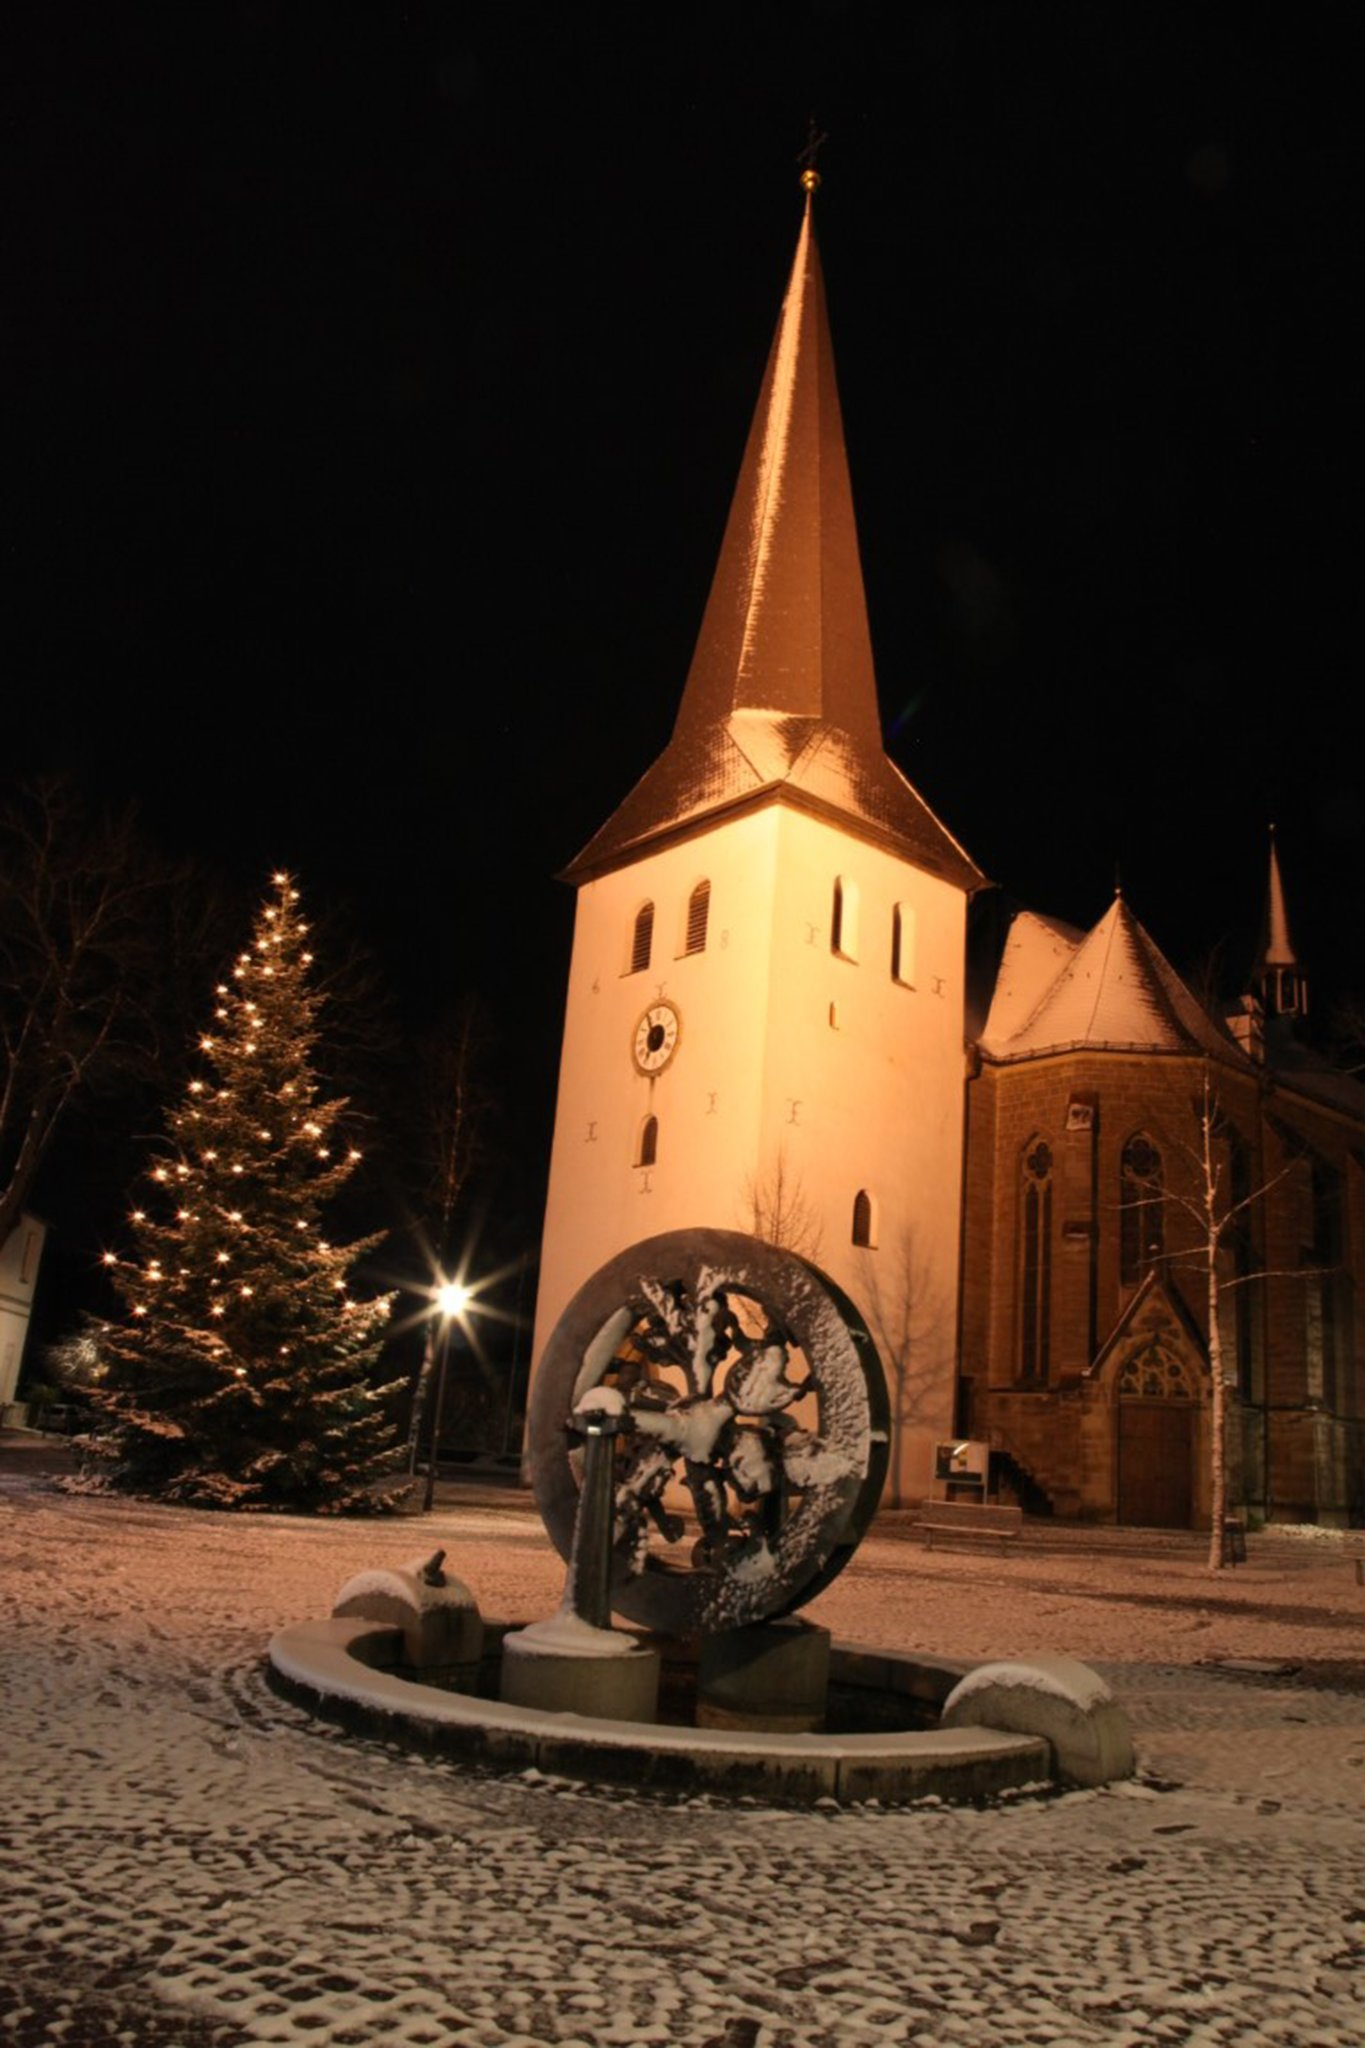 Weihnachtsbaum Brauchtum.Brauchtum Gerettet Auch 2018 Gibt Es Den Weihnachtsbaum In Hüsten